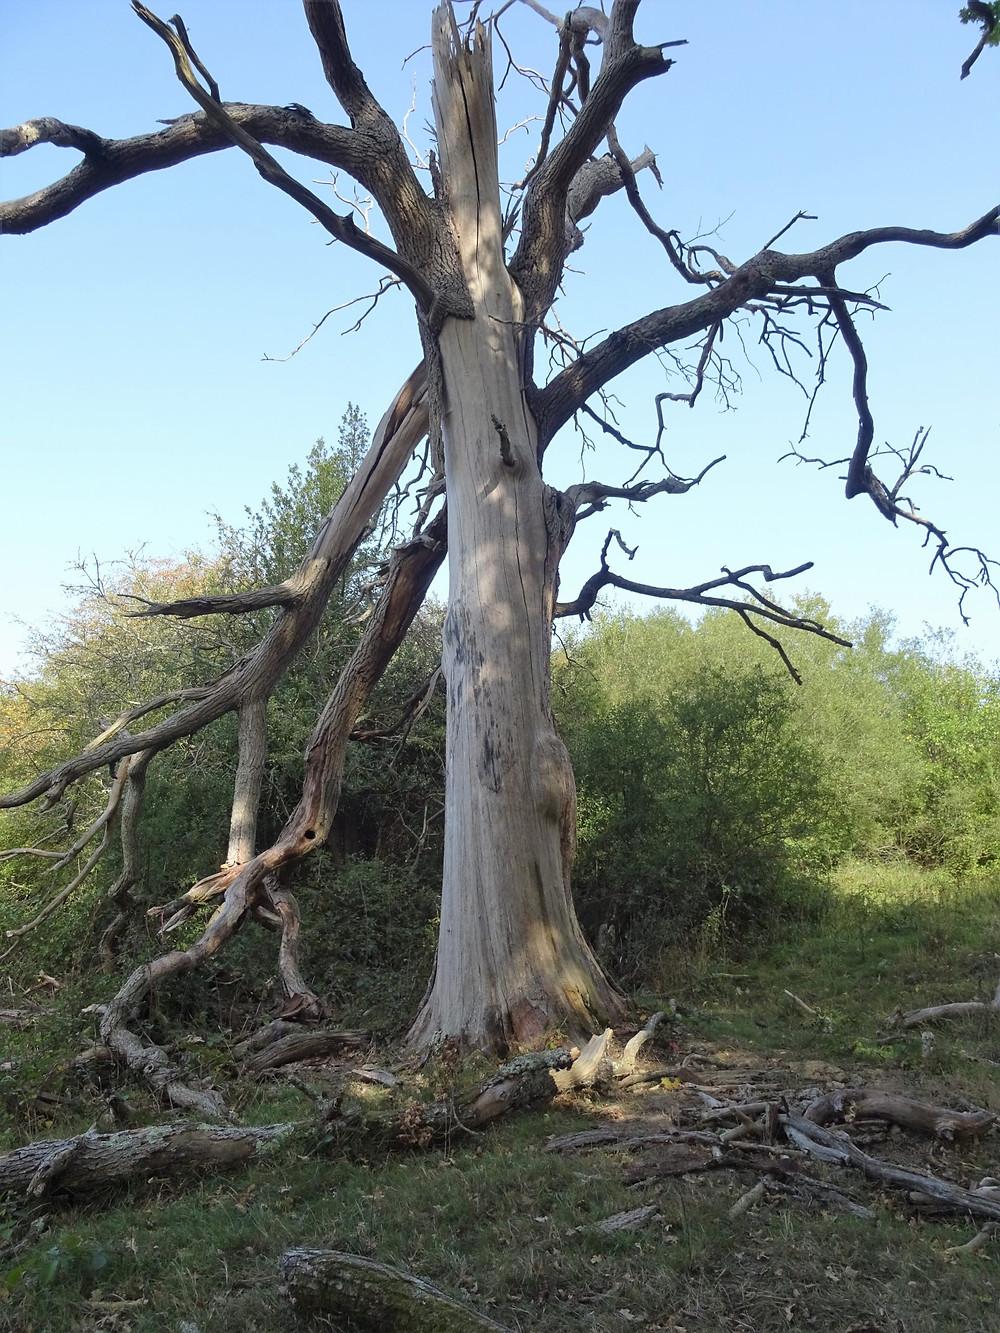 Bark peeled off from lightening struck tree